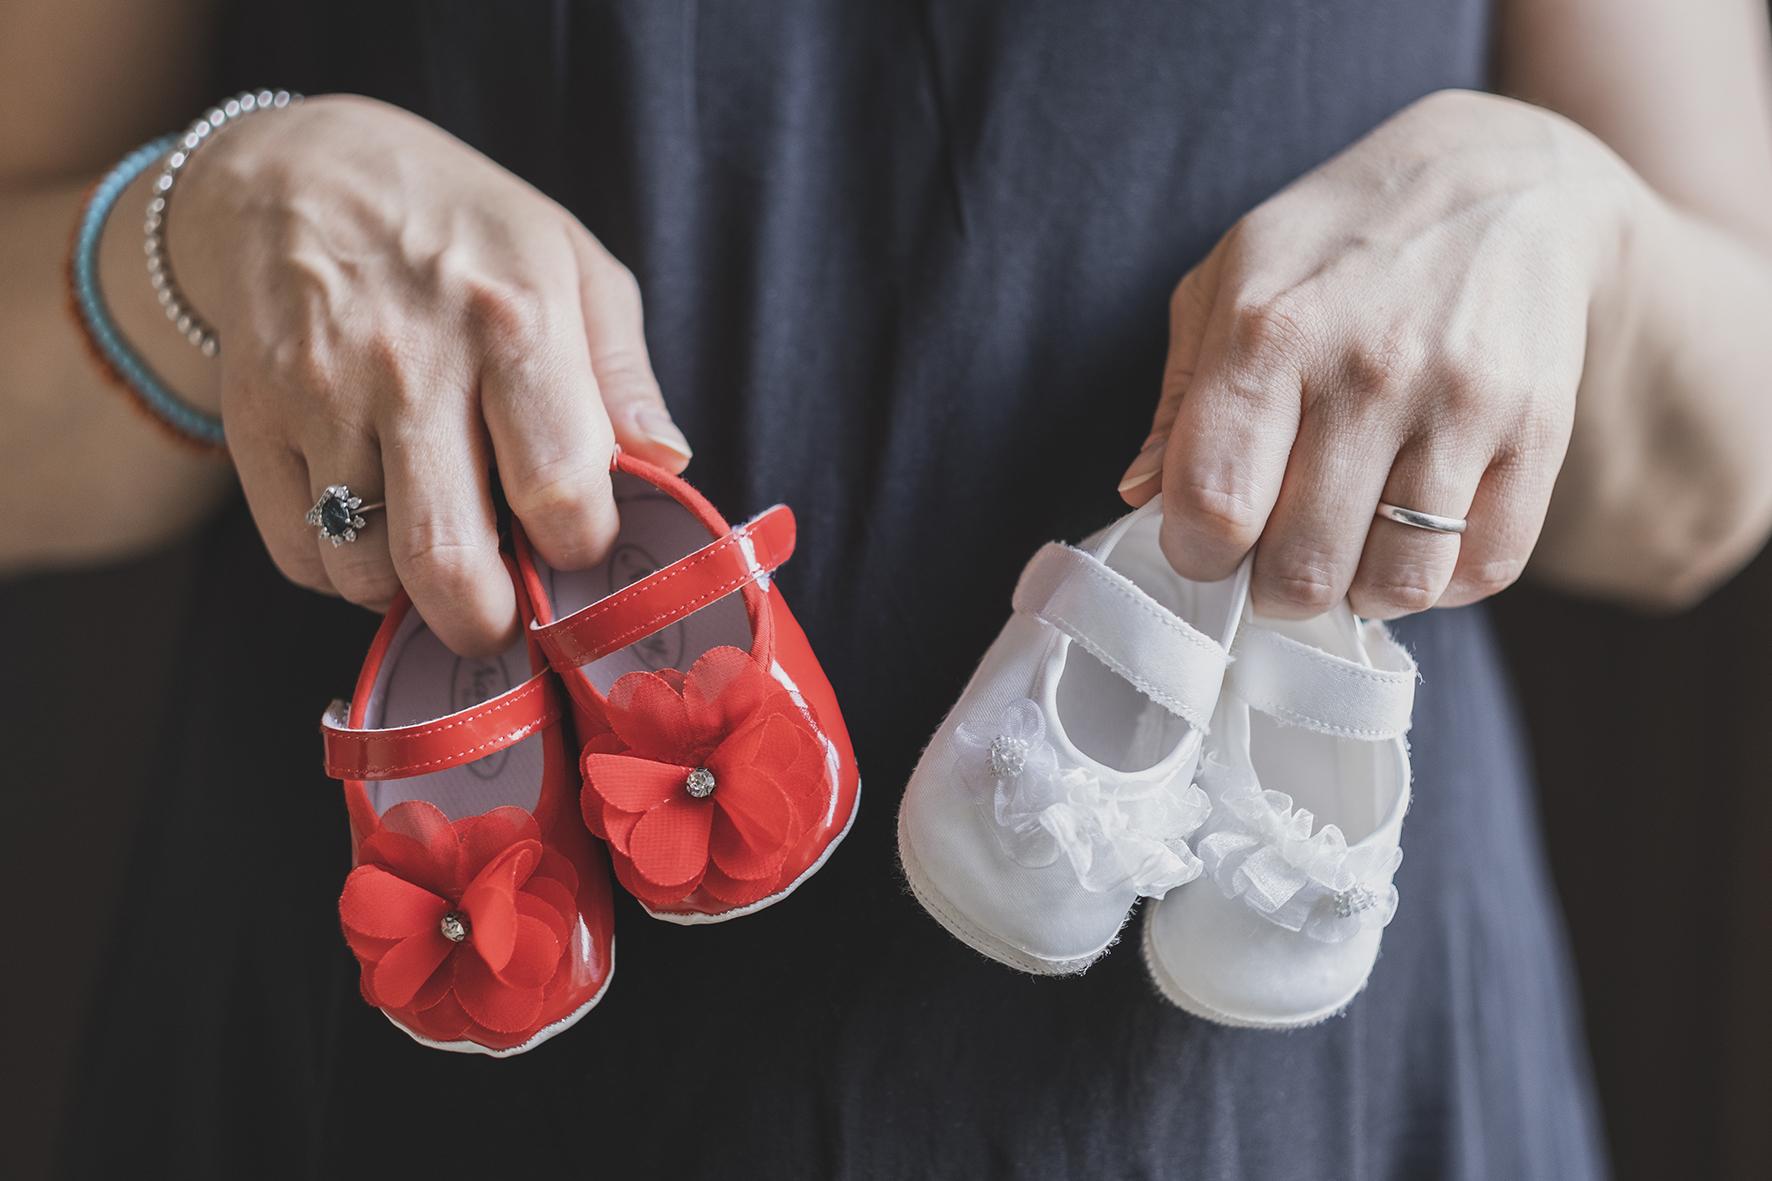 scarpette sul pancione gemelline dolce attesa